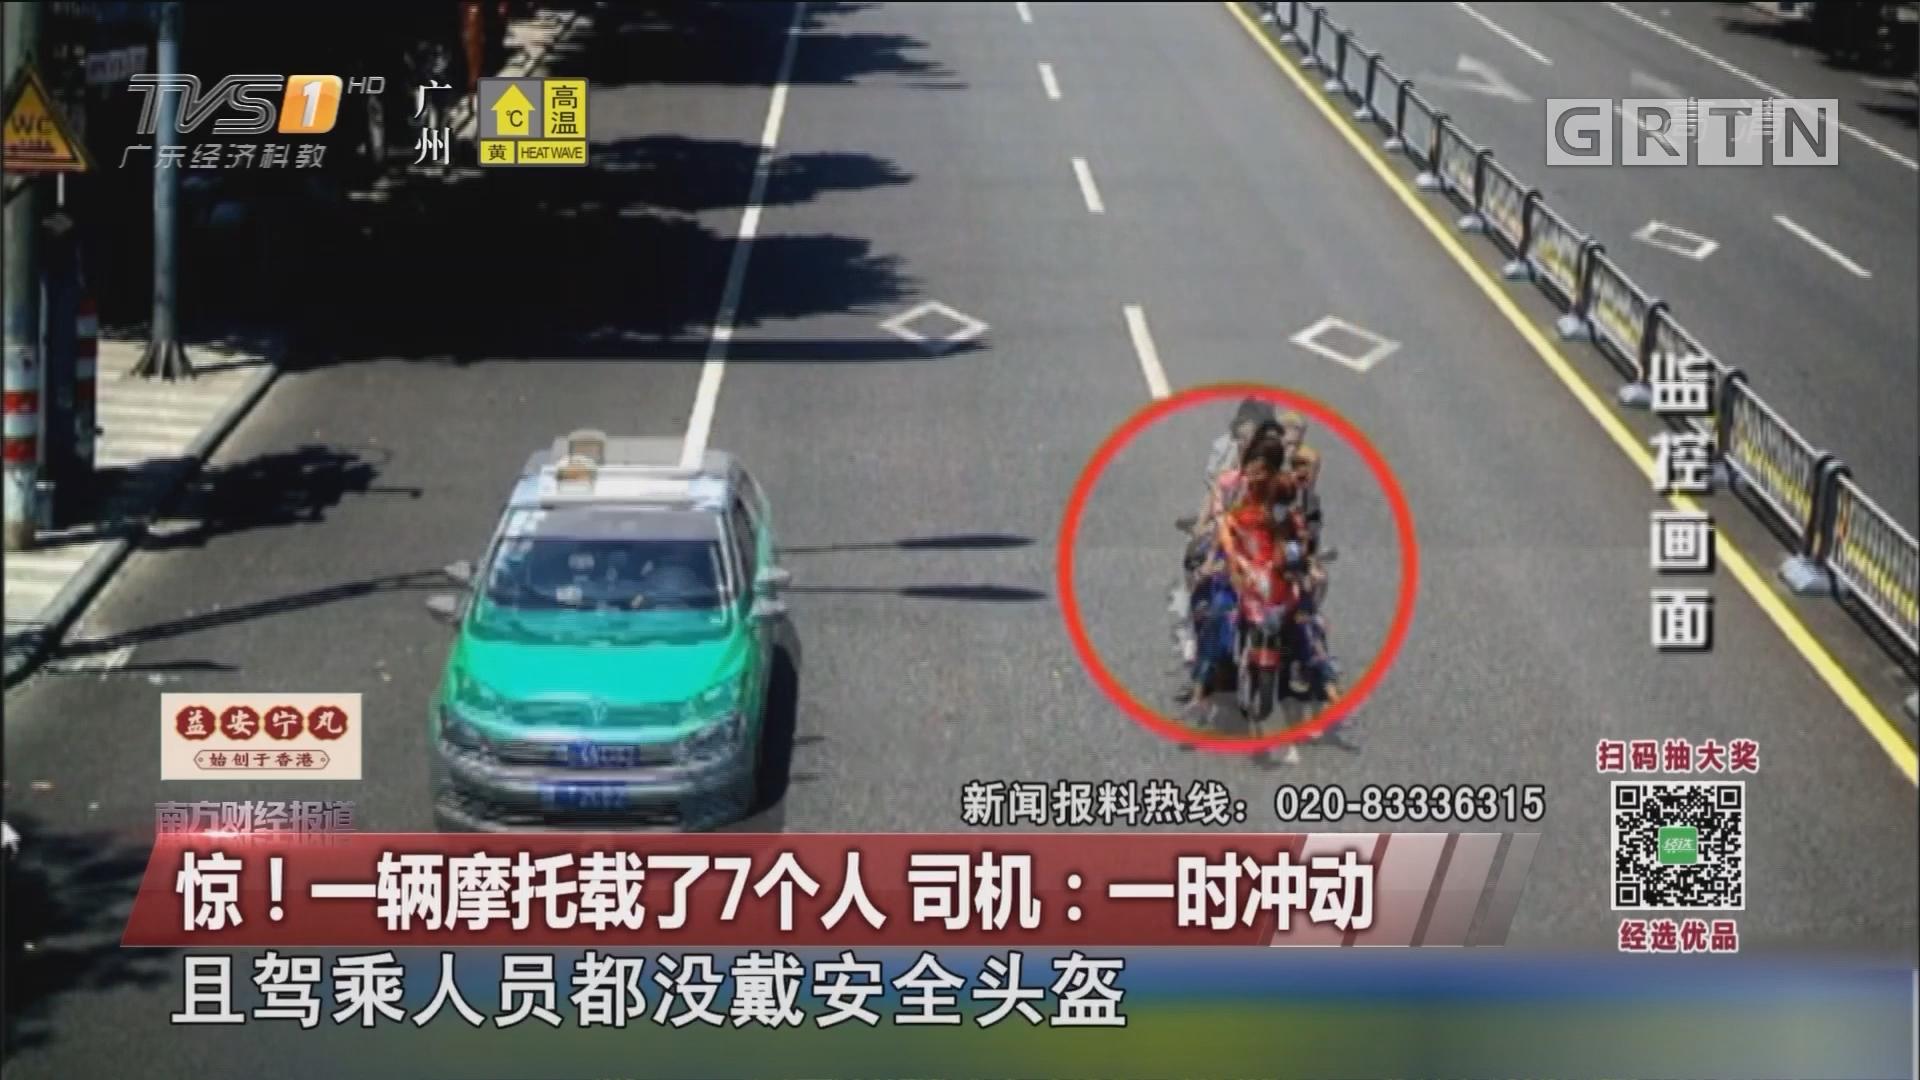 惊!一辆摩托载了7个人 司机:一时冲动